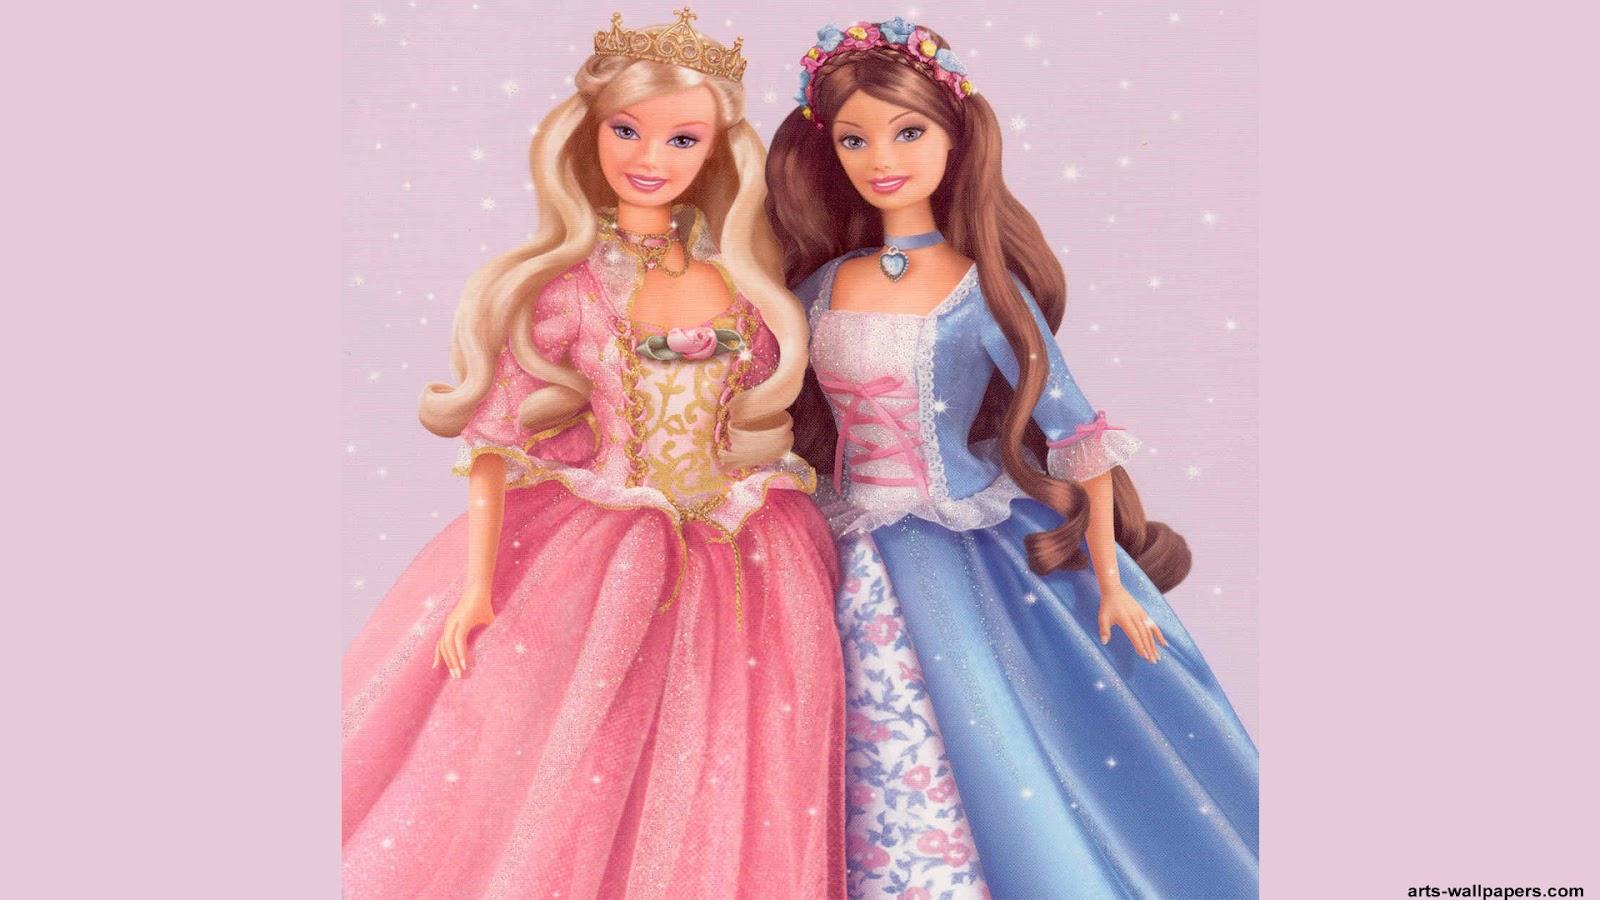 Princess Bella As The Princess And